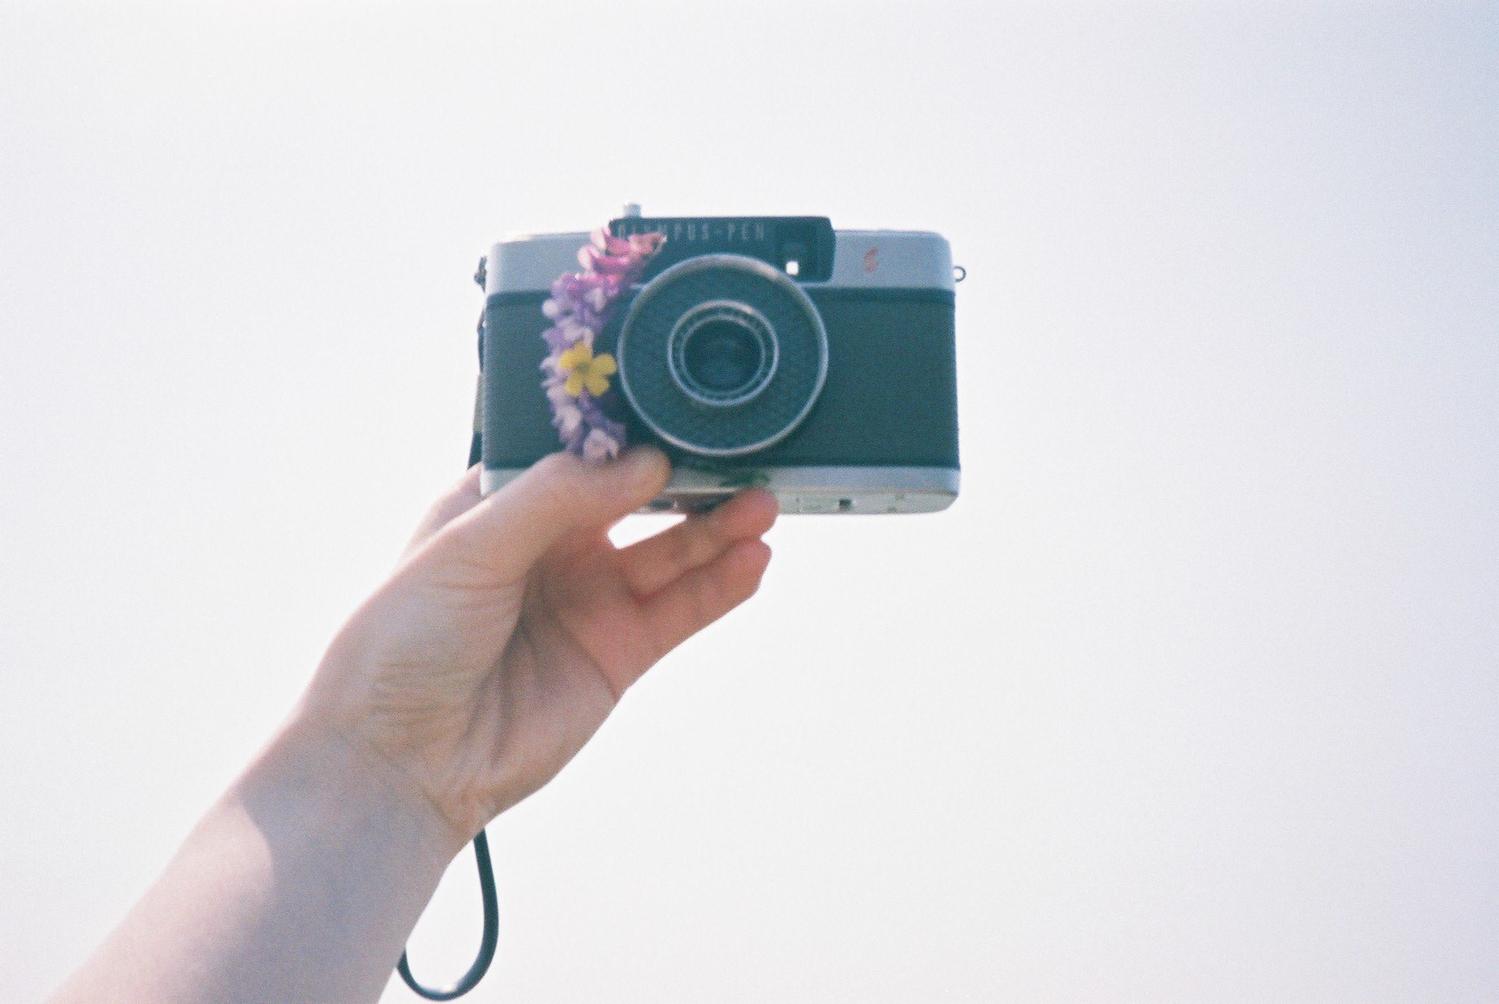 ハーフサイズカメラで幸せ2倍に